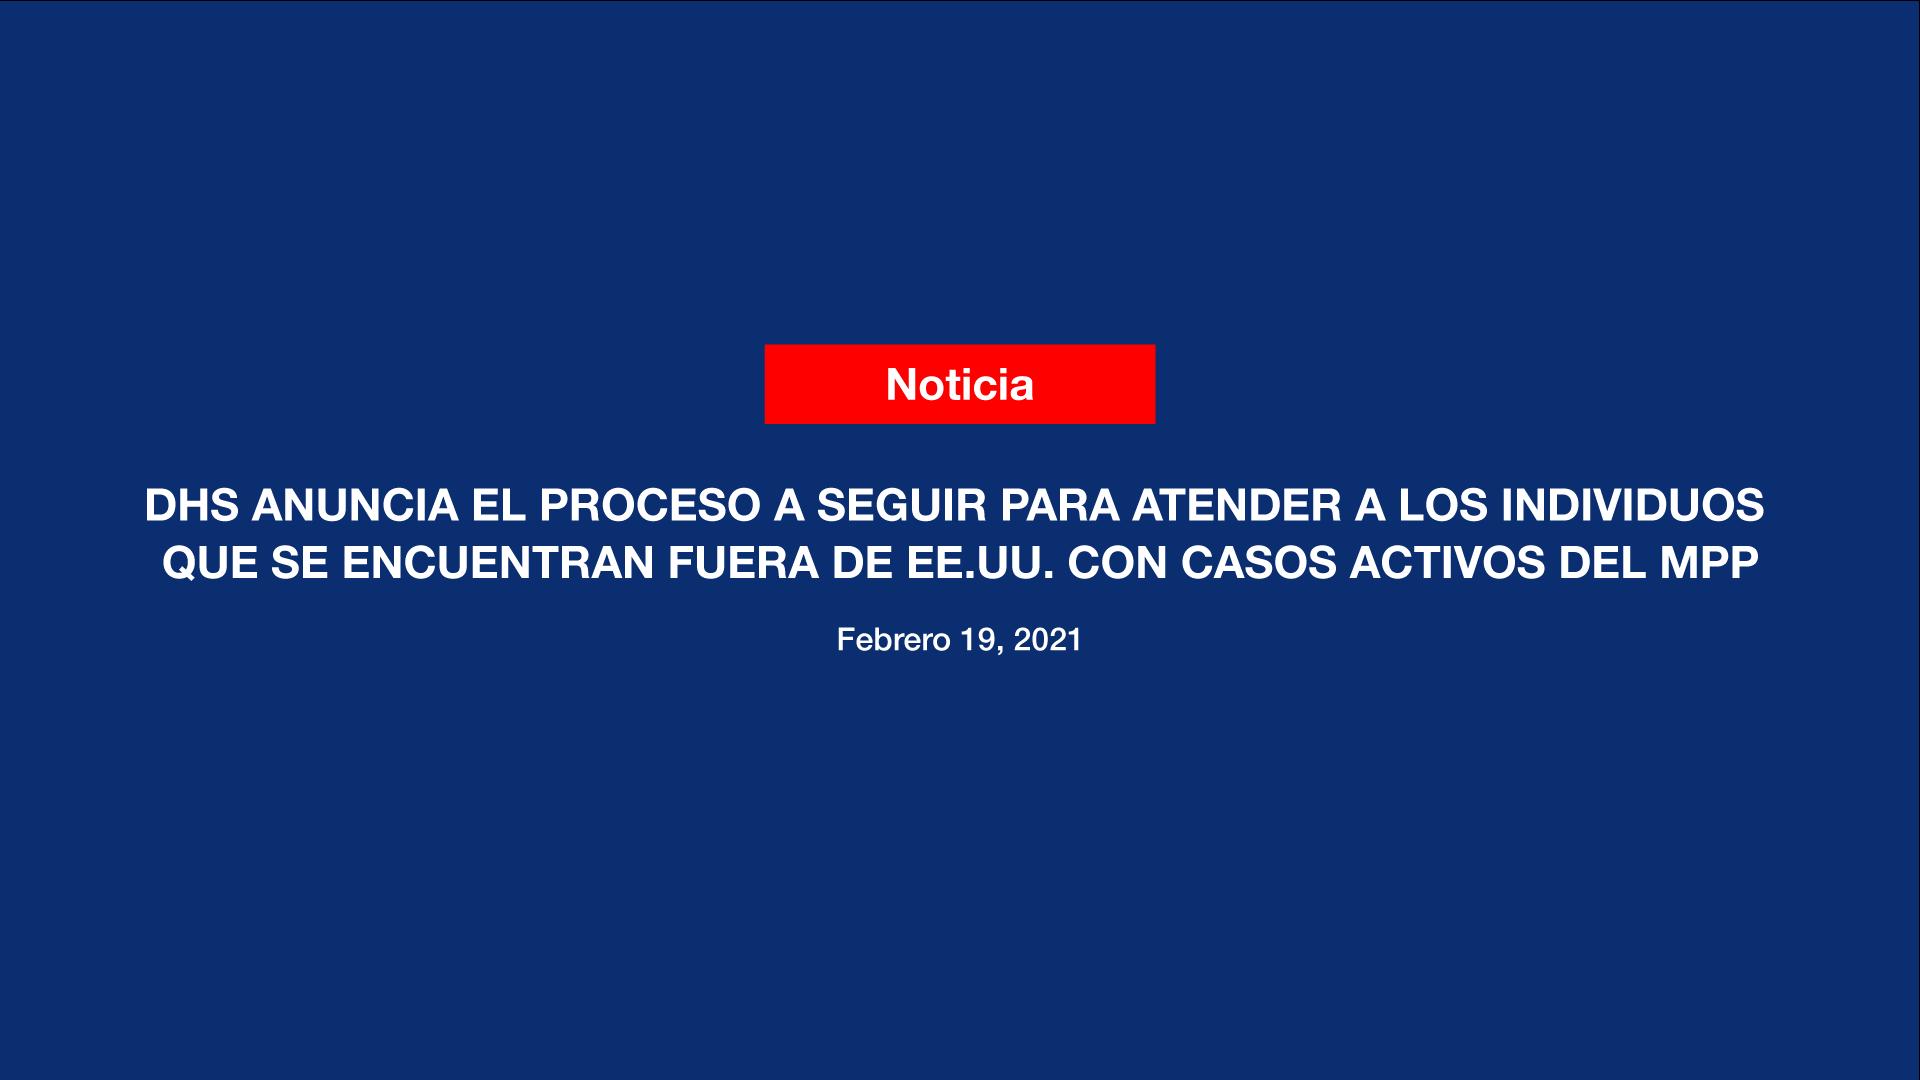 DHS-ANUNCIA-EL-PROCESO-A-SEGUIR-PARA-ATENDER-INDIVIDUOS-QUE-SE-ENCUENTRAN-FUERA-DE-EEUU-CON-CASOS-DE-MPP-ABOGADA-DE-INMIGRACION-ALMA-ROSA-NIETO-news_thumbnail